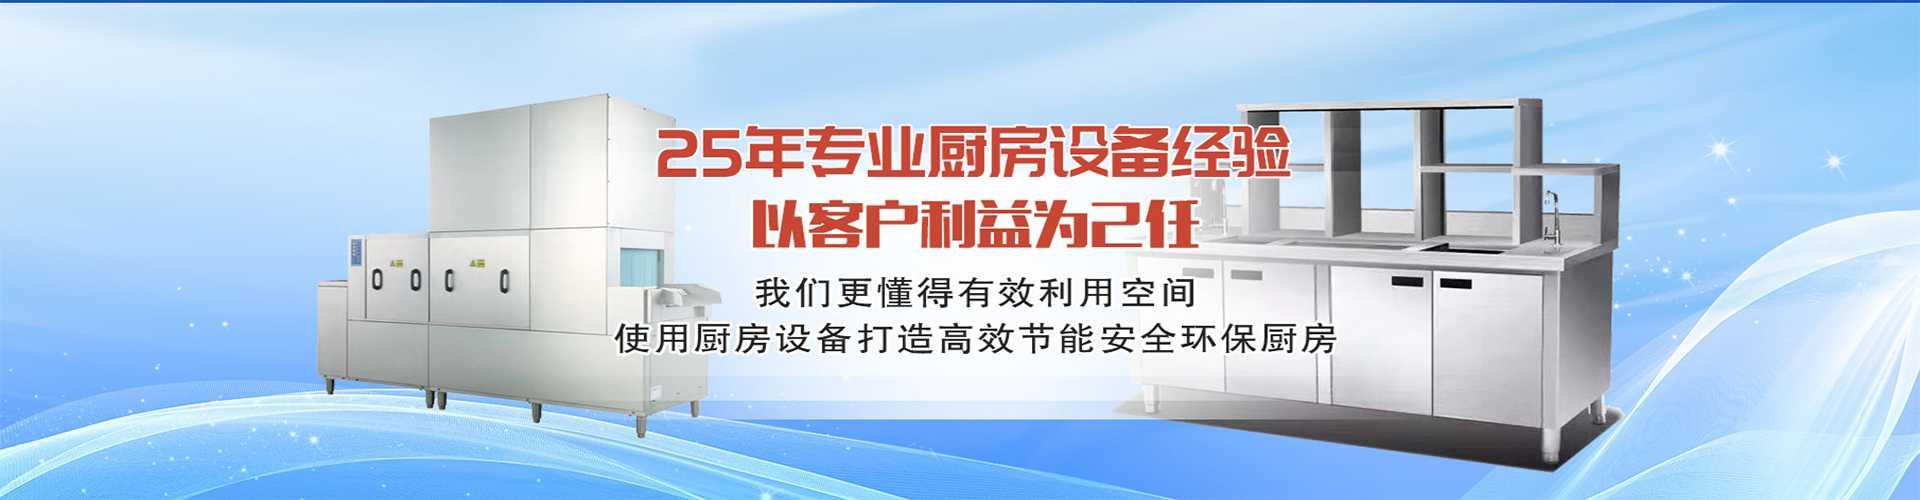 合肥市双发电源有限公司-banner